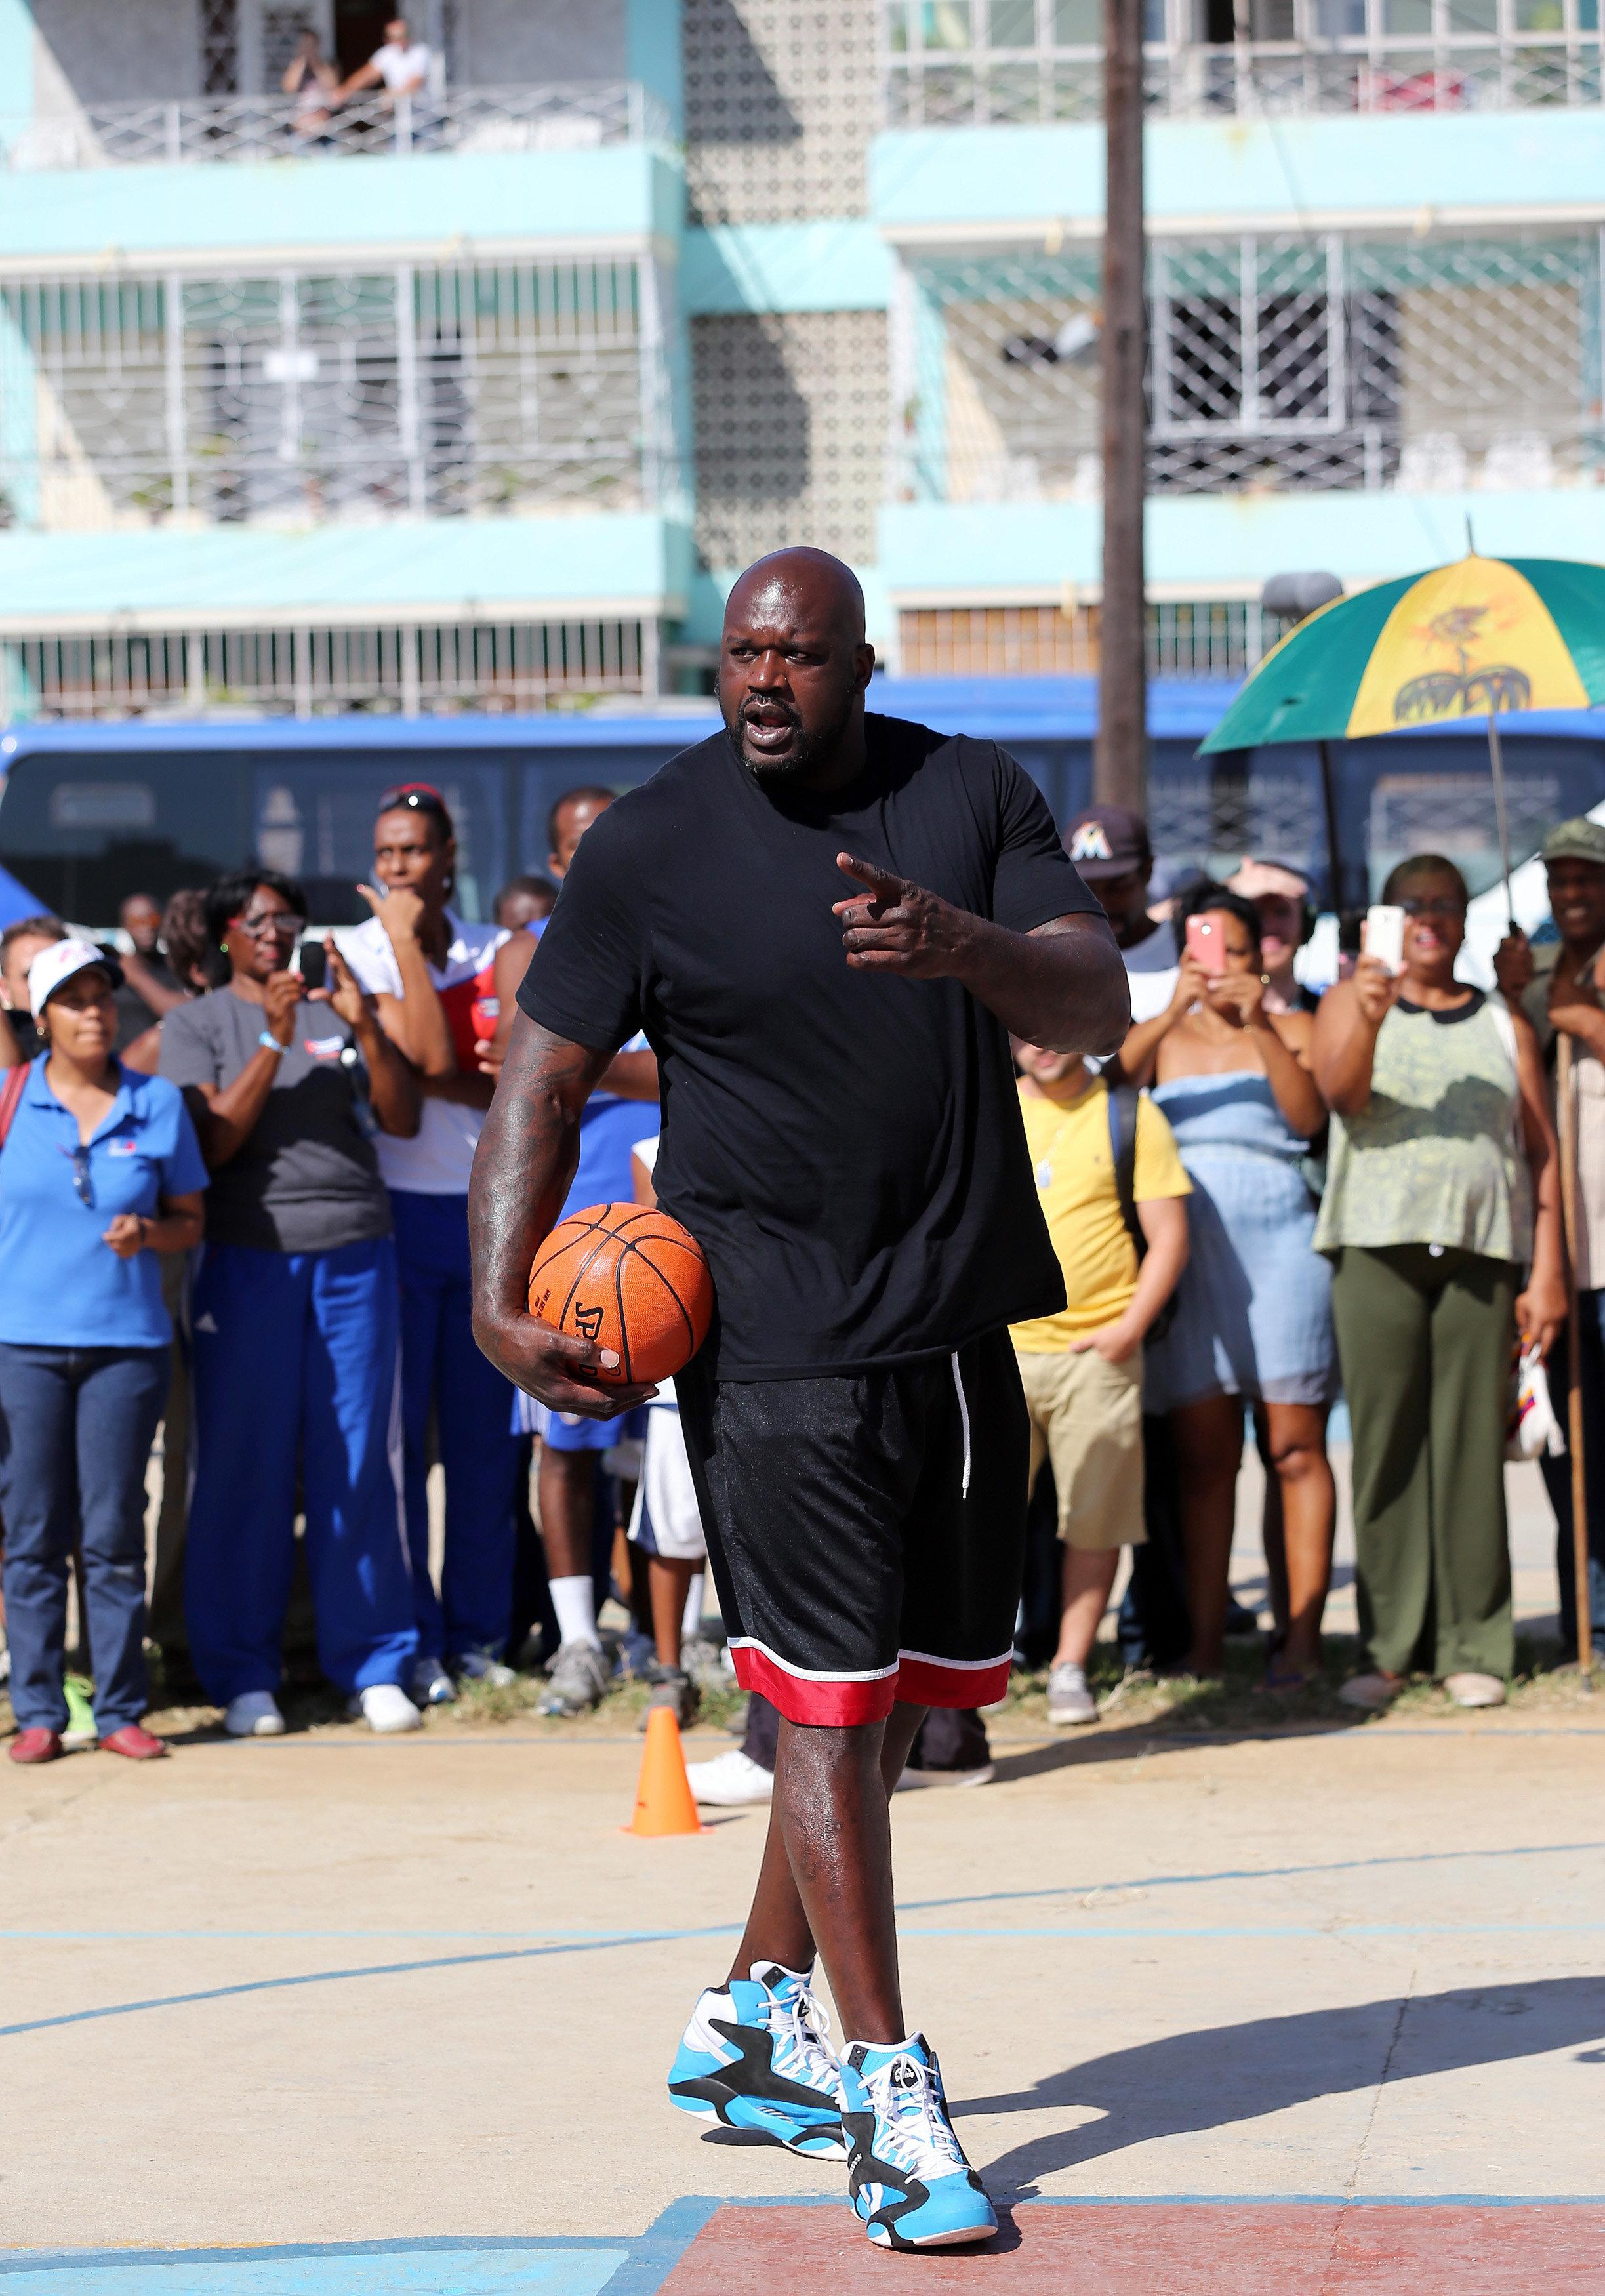 HAB01 LA HABANA (CUBA) 26/06/16.- El baloncestista retirado Shaquille O'Neal, quien jugó durante 19 temporadas en distintos equipos de la NBA, participa en una clínica con jugadores de baloncesto hoy, domingo 26 de junio de 2016, en La Habana (Cuba). O'Neal, se encuentra en la isla como enviado del Departamento de Estado de EEUU, en el marco de la normalización de relaciones entre ambos países. EFE/Alejandro Ernesto